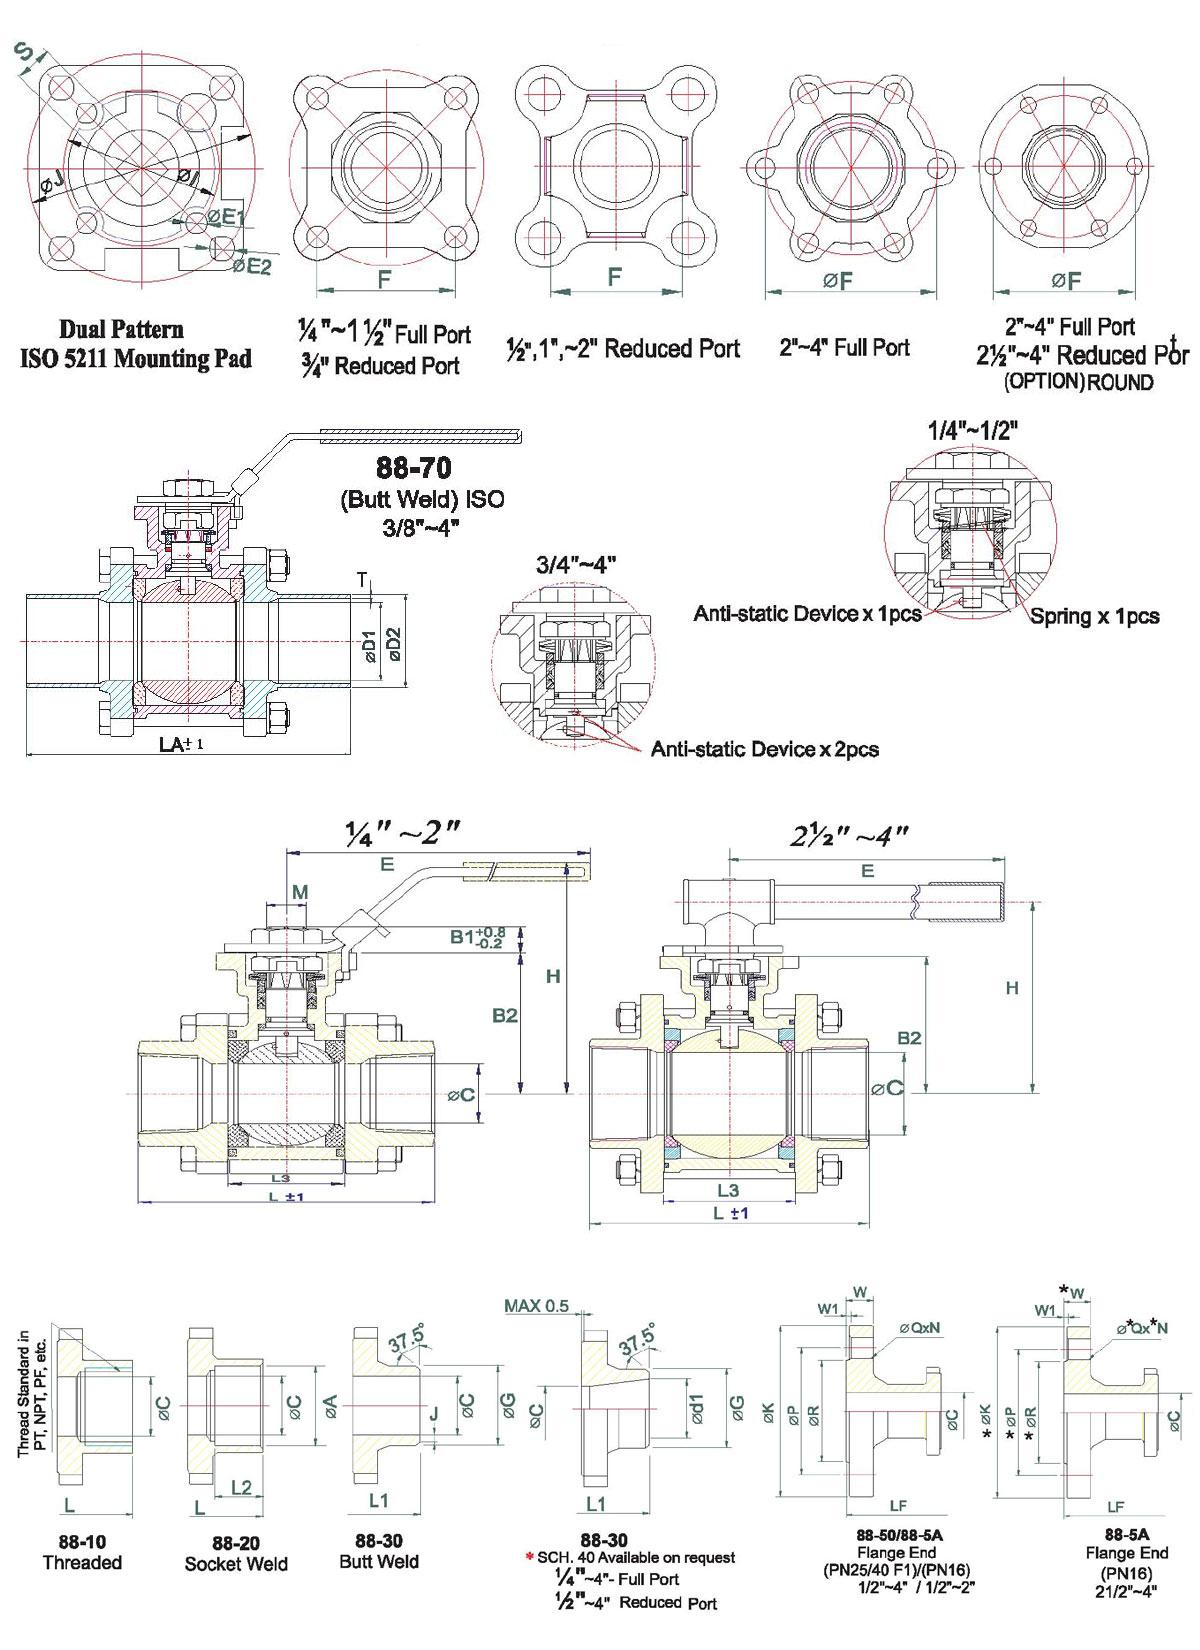 Technische Daten und Abmessungen der dreiteiligen MARS Kugelhähne 88